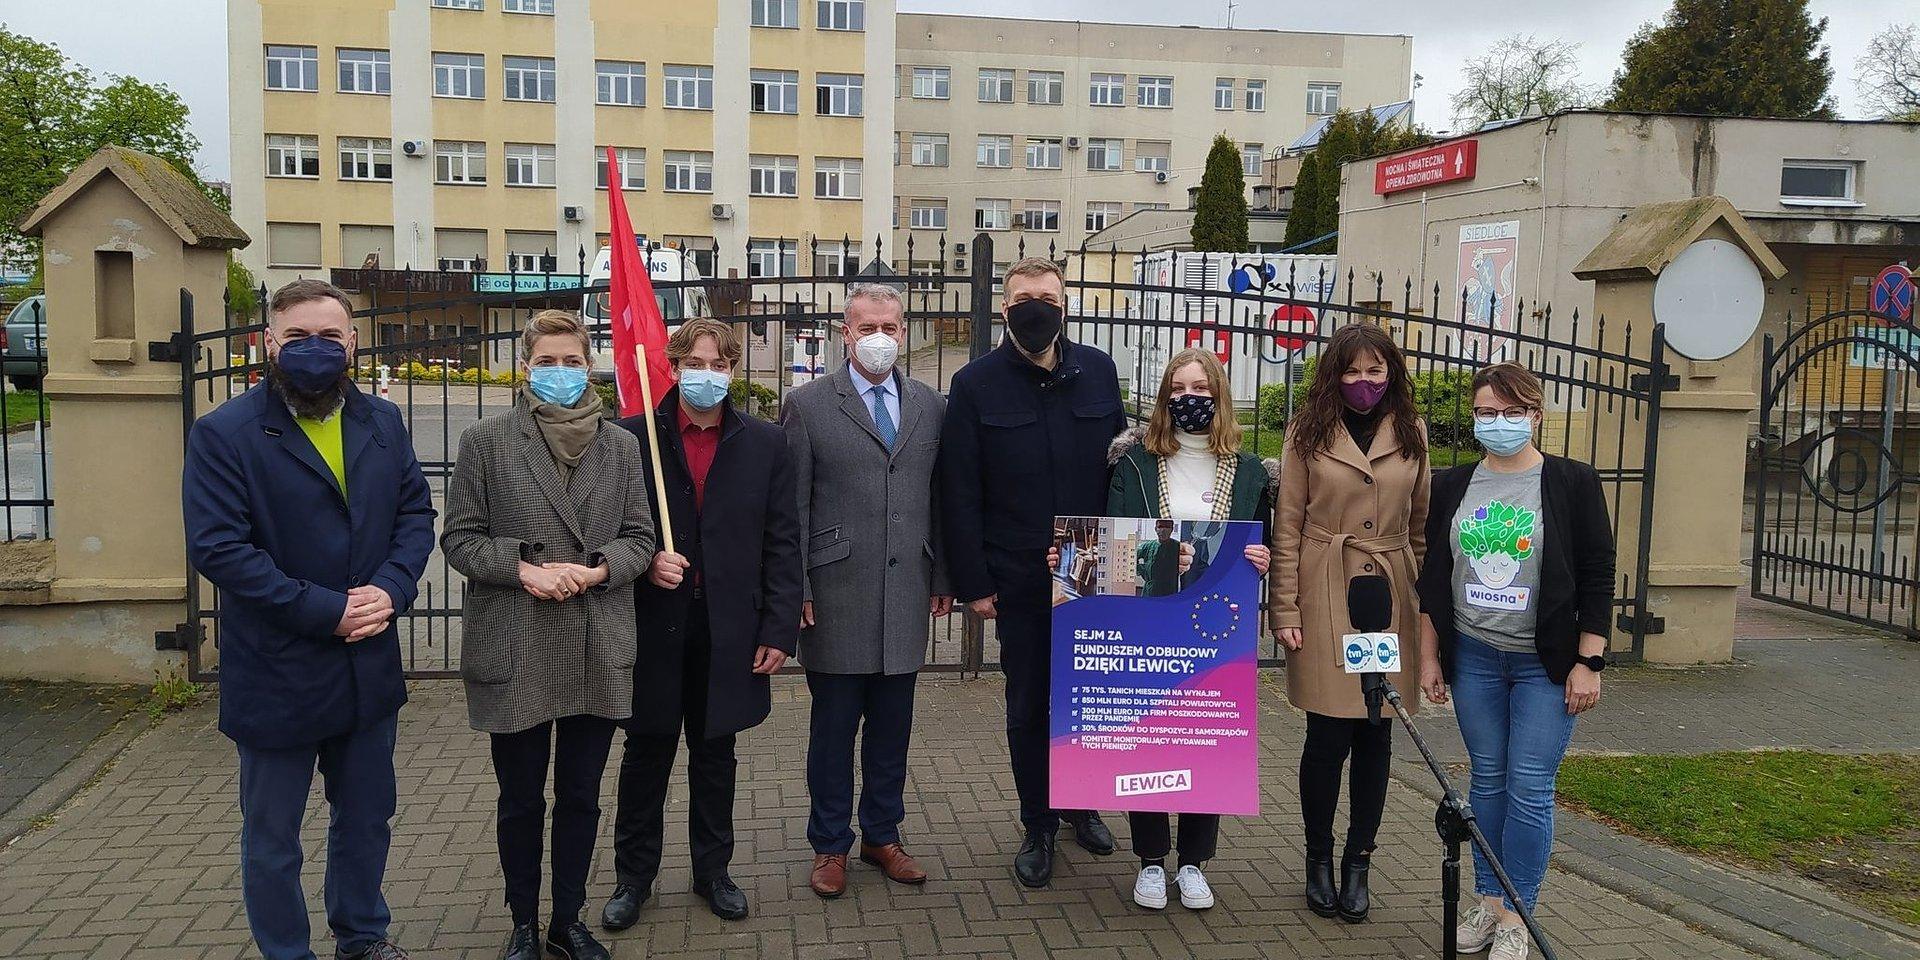 Lewica w Siedlcach o Europejskim Funduszu Odbudowy